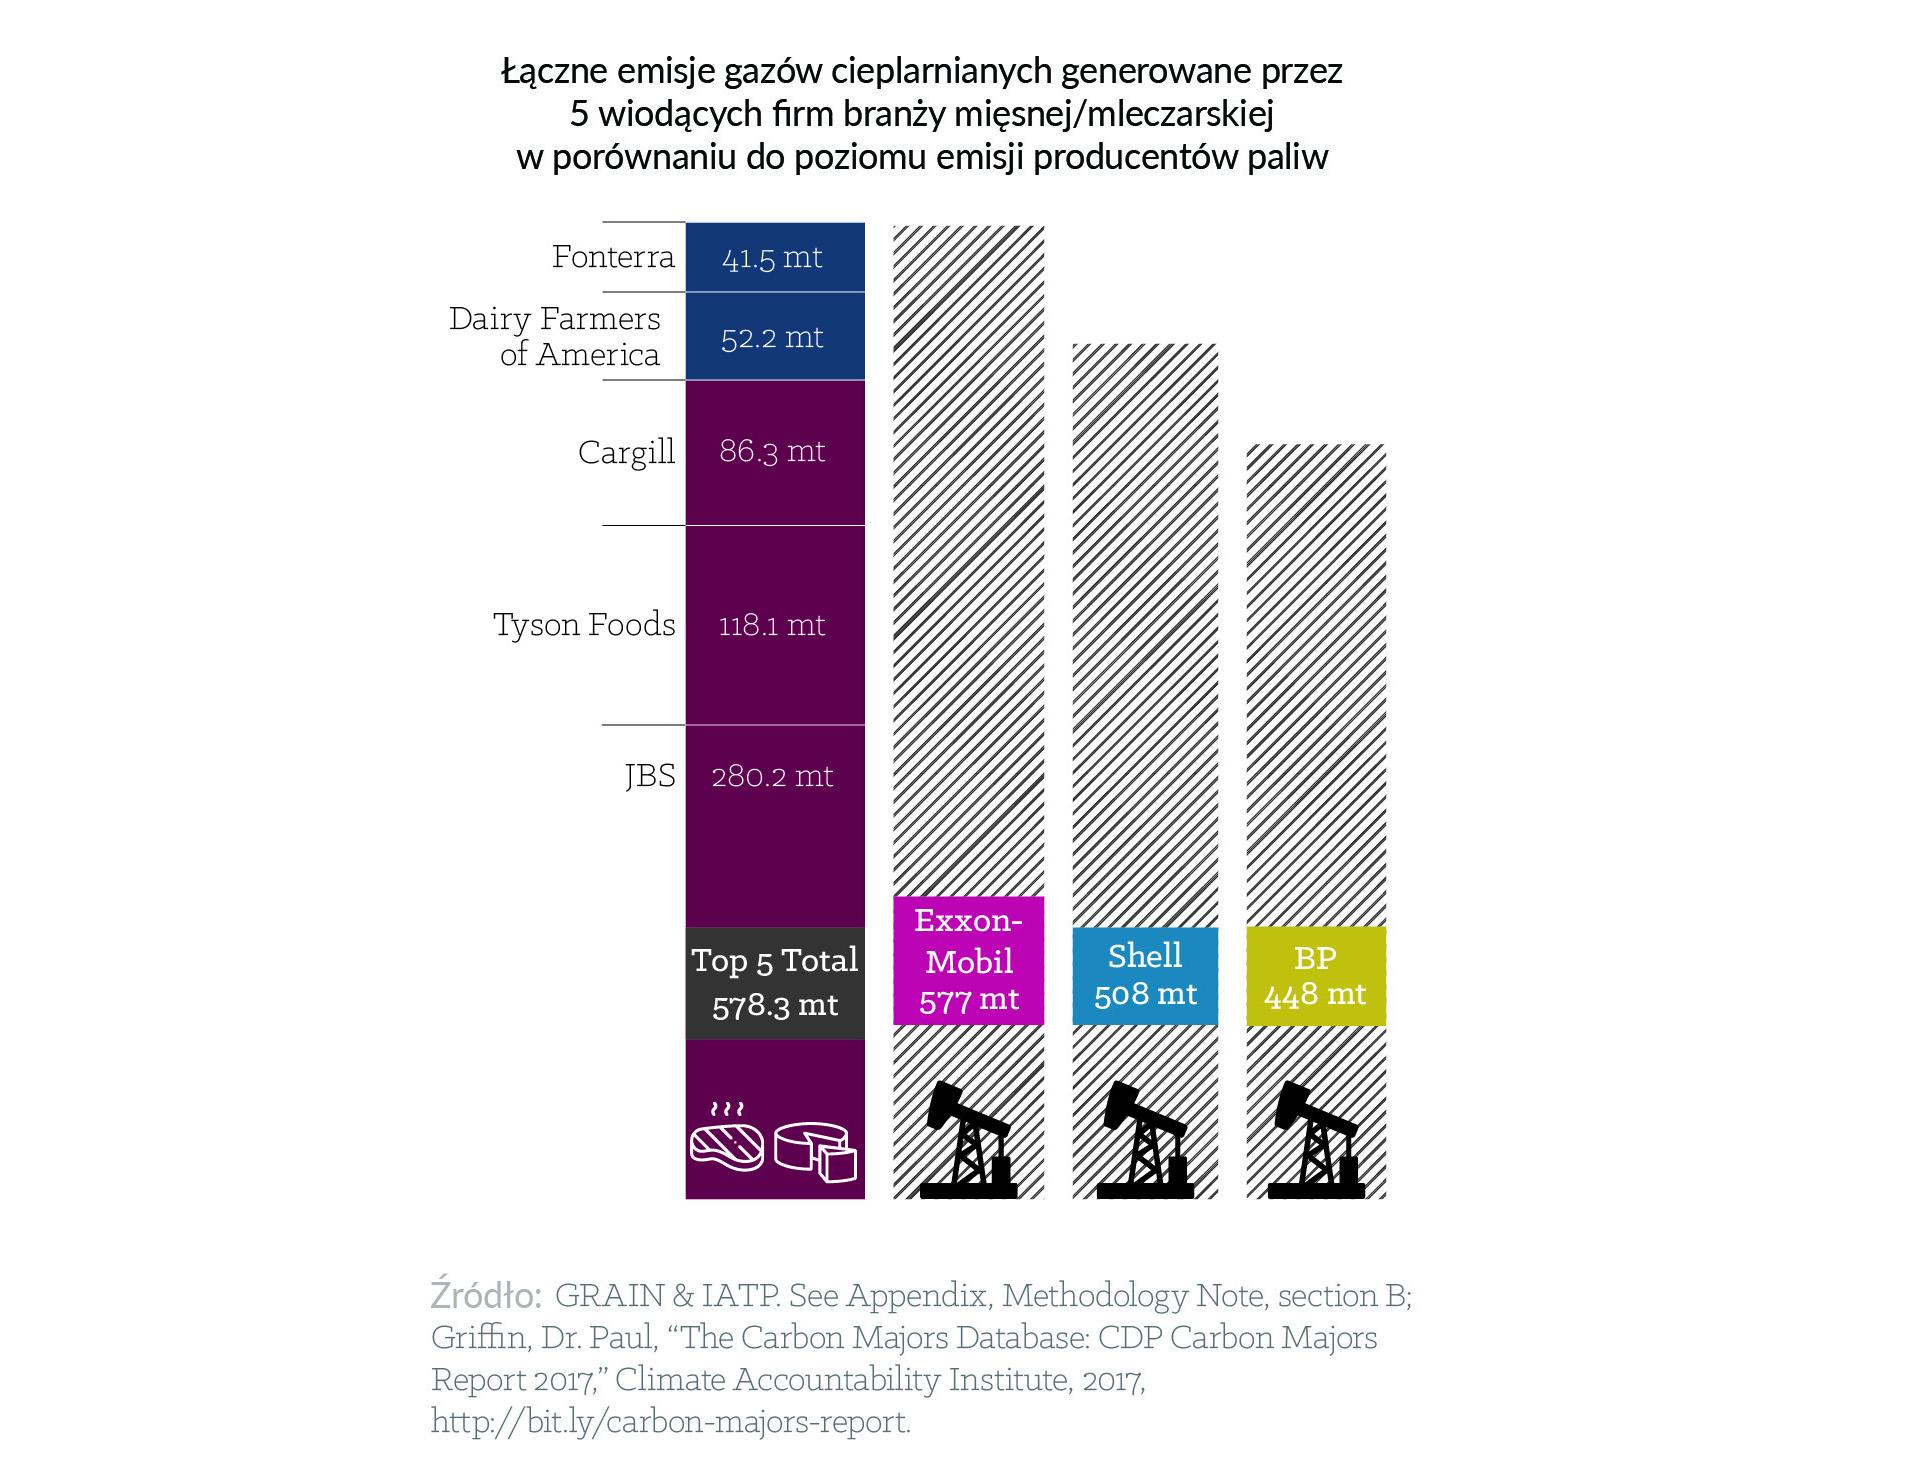 chów przemysłowy, producenci mięsa, producenci mleka, emisje gazów cieplarnianych